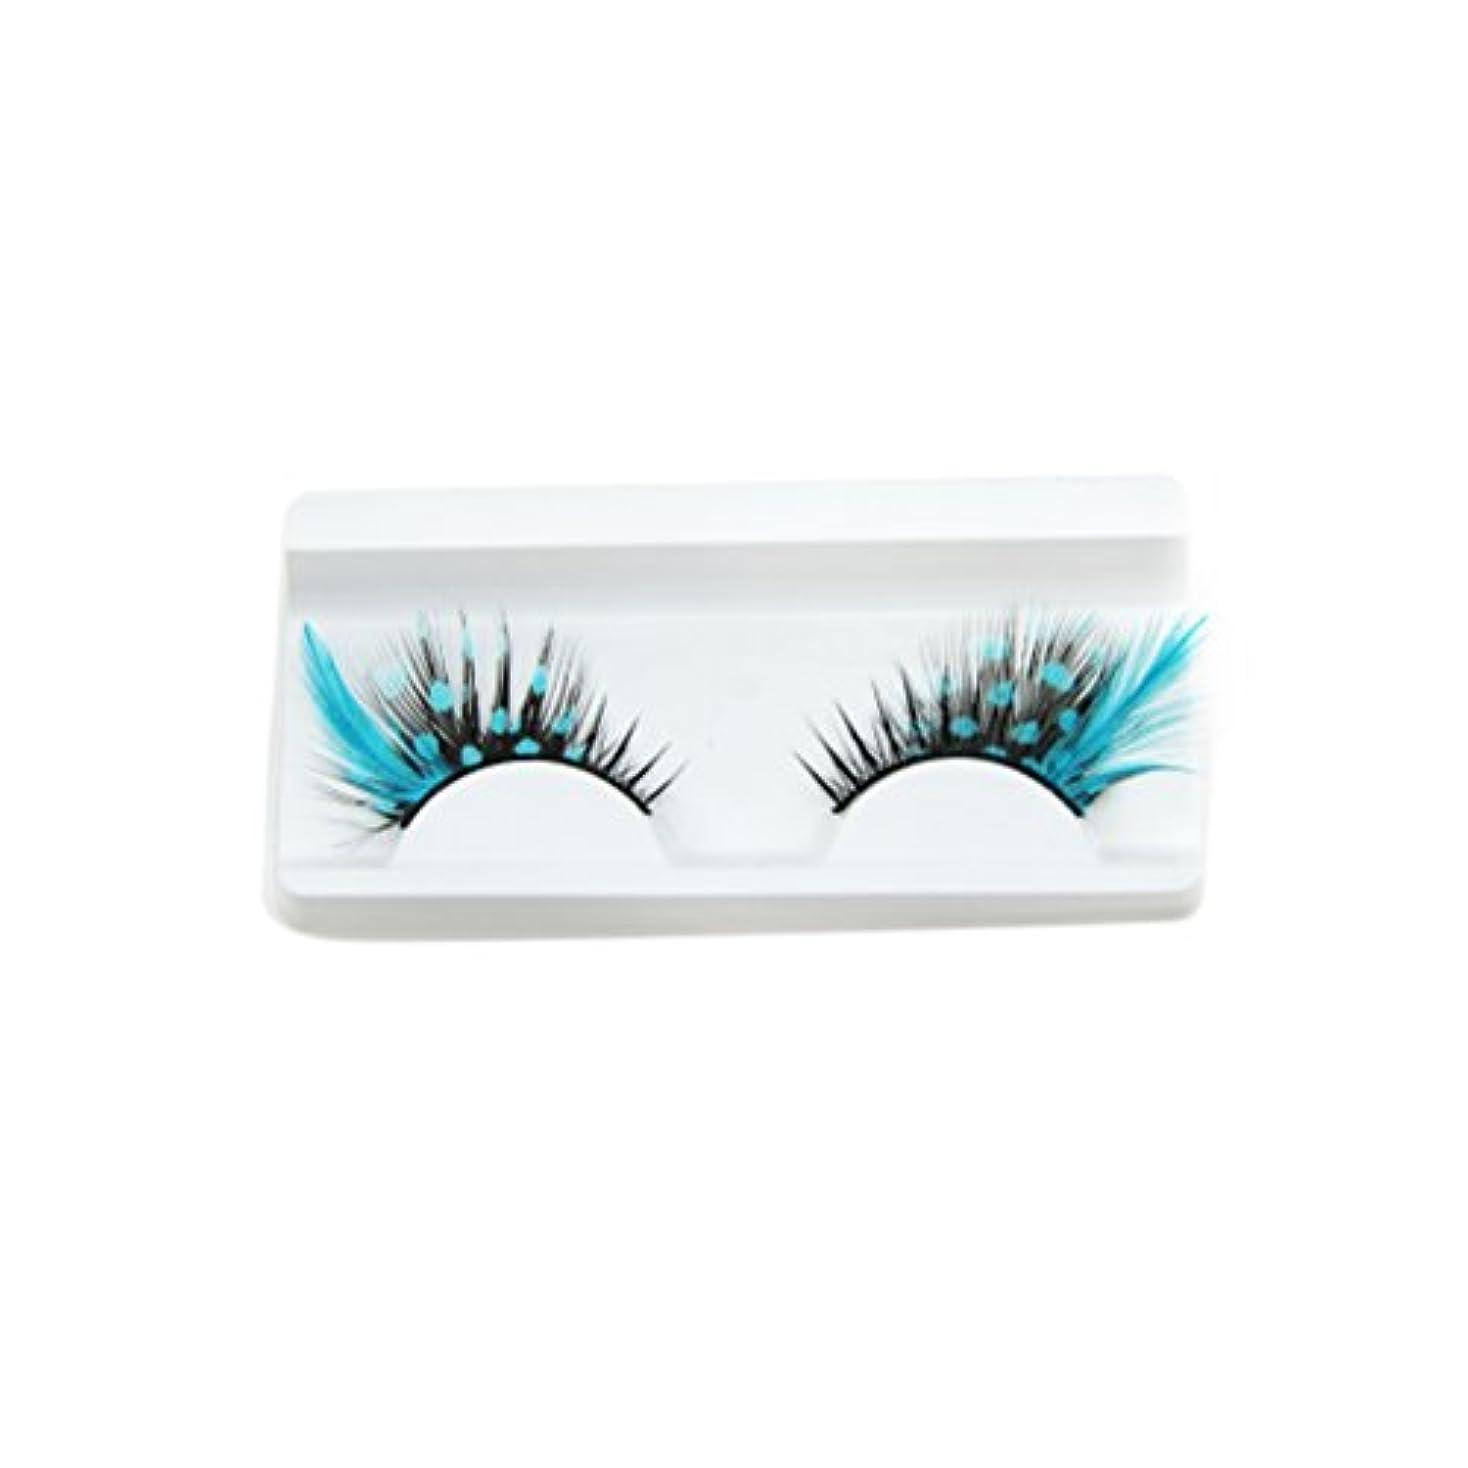 (メイクアップエーシーシー) MakeupAccカラフル アイラッシュ ブルードット つけまつげ1ペア 羽まつげ クジャク アイメイク 化粧雑貨 [並行輸入品]